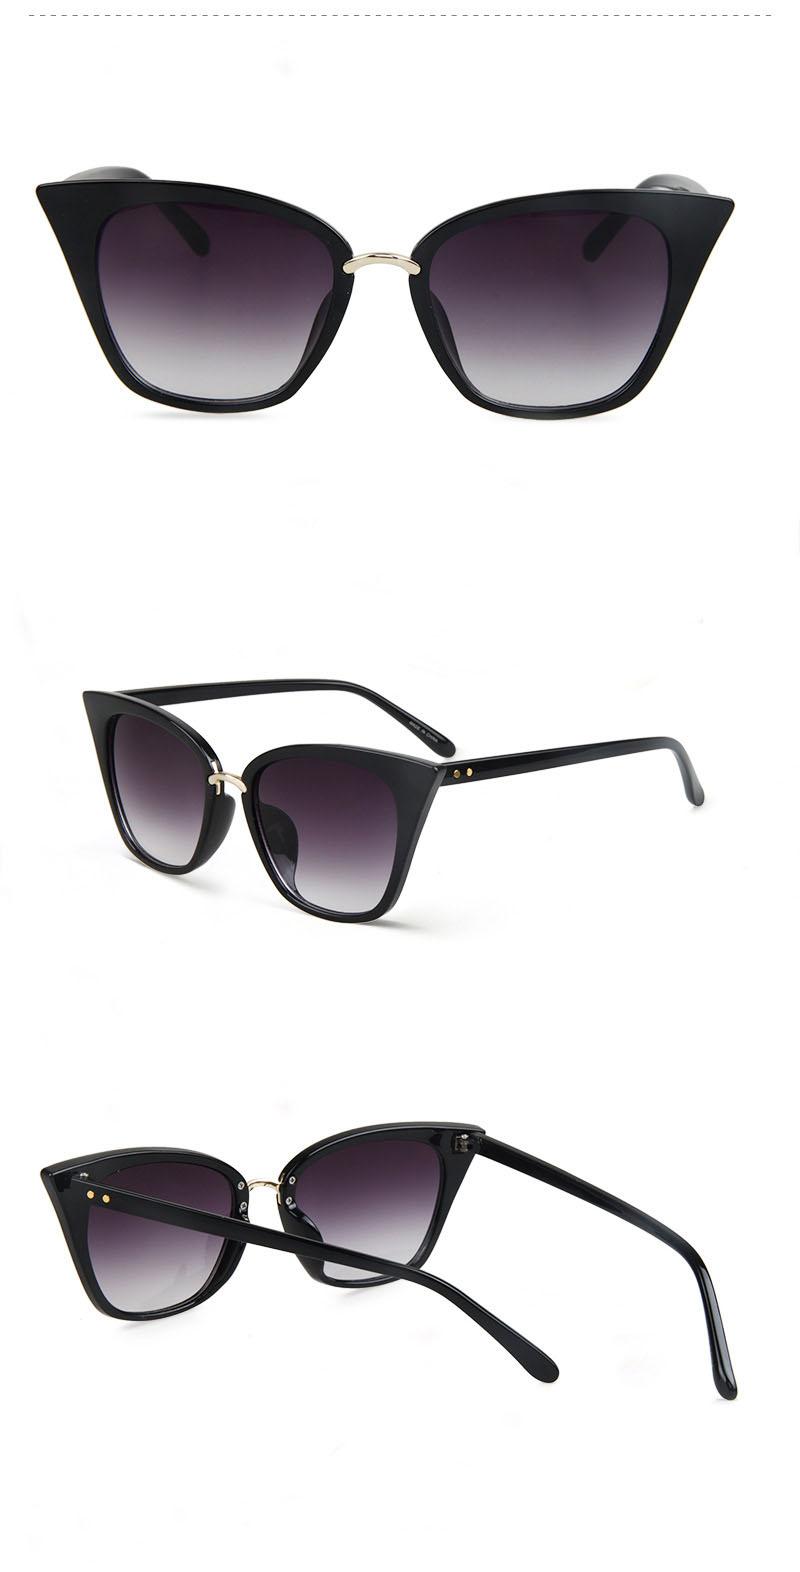 d6619e4cf33921 SARACOCO Femmes Vintage Cat Eye lunettes de Soleil 2017 Marque De Mode La  Conception Anti-réfléchissant UV400 Lunettes de Soleil Femme